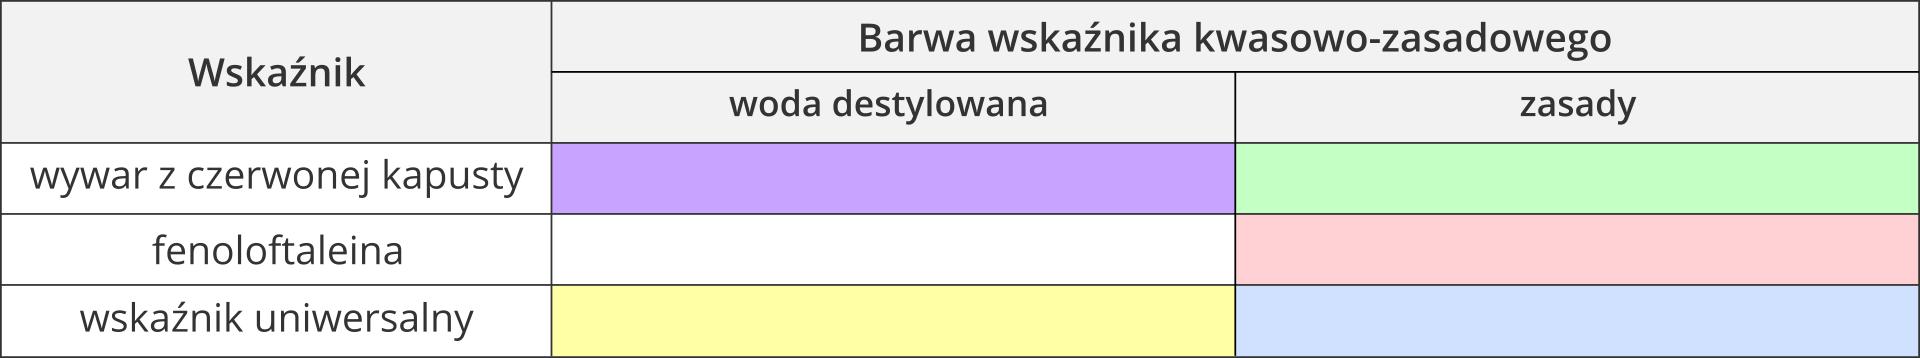 Wzór tabeli służącej jako pomoc przy realizowaniu zadania. Składa się ztrzech kolumn. Pierwsza zlewej zawiera nazwę wskaźnika. Druga itrzecia zawierają opis barw wskaźnika kwasowo-zasadowego, przy czym kolumna druga, awięc środkowa, zawiera barwy wskaźnika wśrodowisku wody destylowanej, akolumna trzecia, czyli prawa, zawiera barwy wskaźnika wśrodowisku zasadowym. Wymienione wkolejnych wierszach wskaźniki to wywar zczerwonej kapusty, fenoloftaleina iwskaźnik uniwersalny.